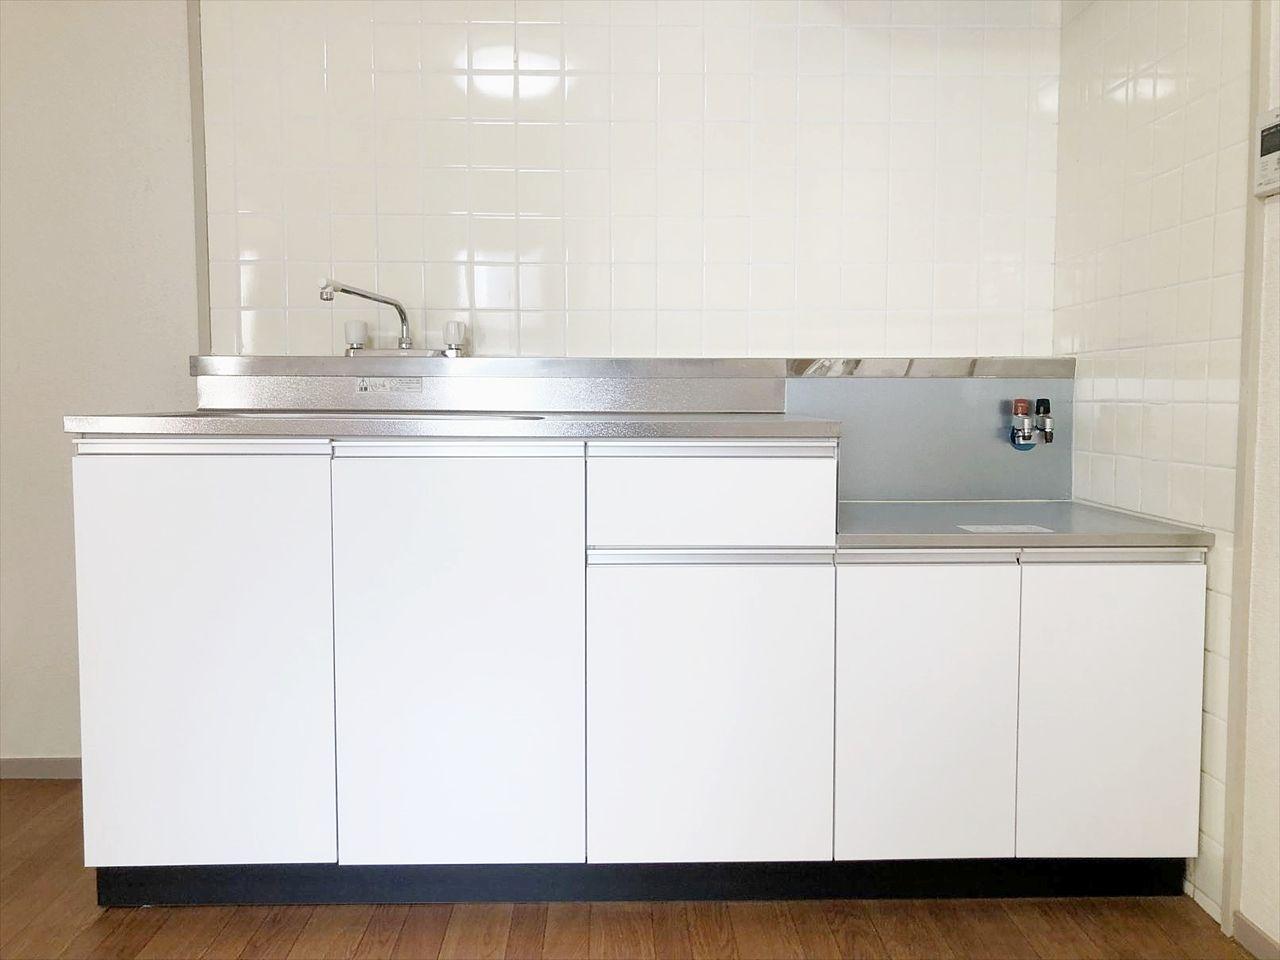 新品に交換済みのクレインヴィレッジ301のキッチンです。ガスコンロ2口設置可です